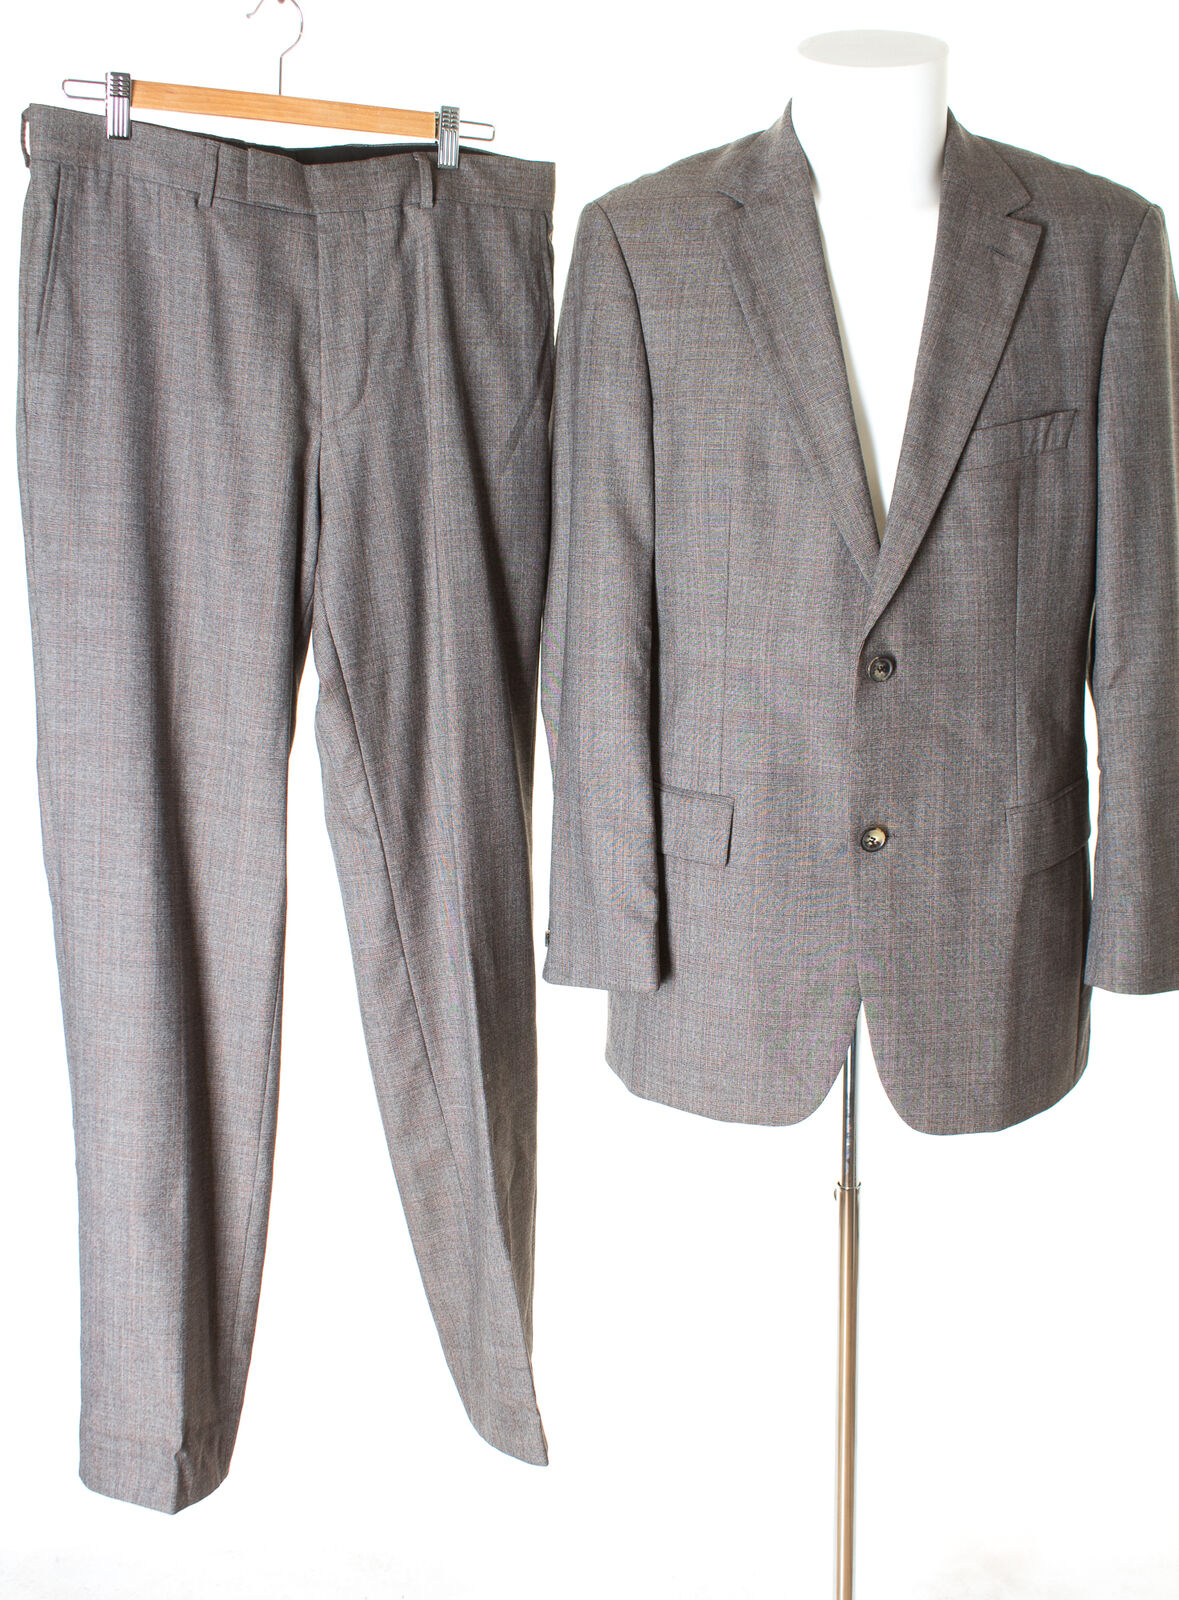 HUGO BOSS Anzug Wolle Super 120'S Herren Gr. 98 Mehrfarbig  | Quality First  | Sonderkauf  | Shop Düsseldorf